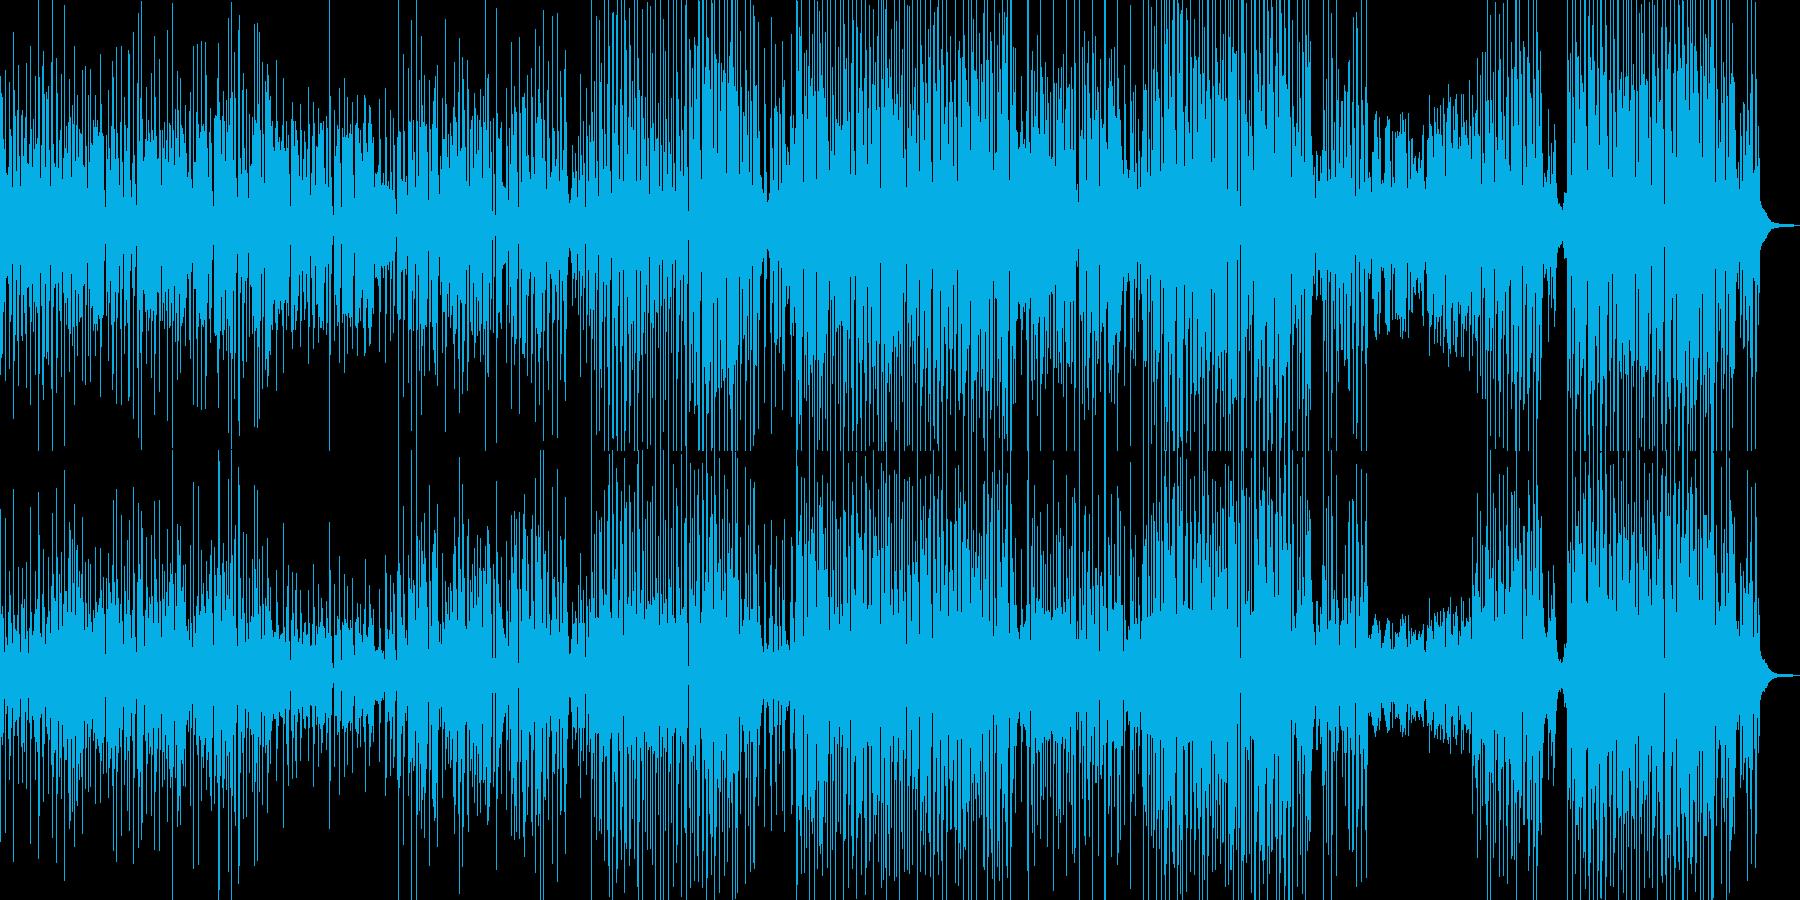 ウクレレ・和む雰囲気 後半打楽器 Lの再生済みの波形